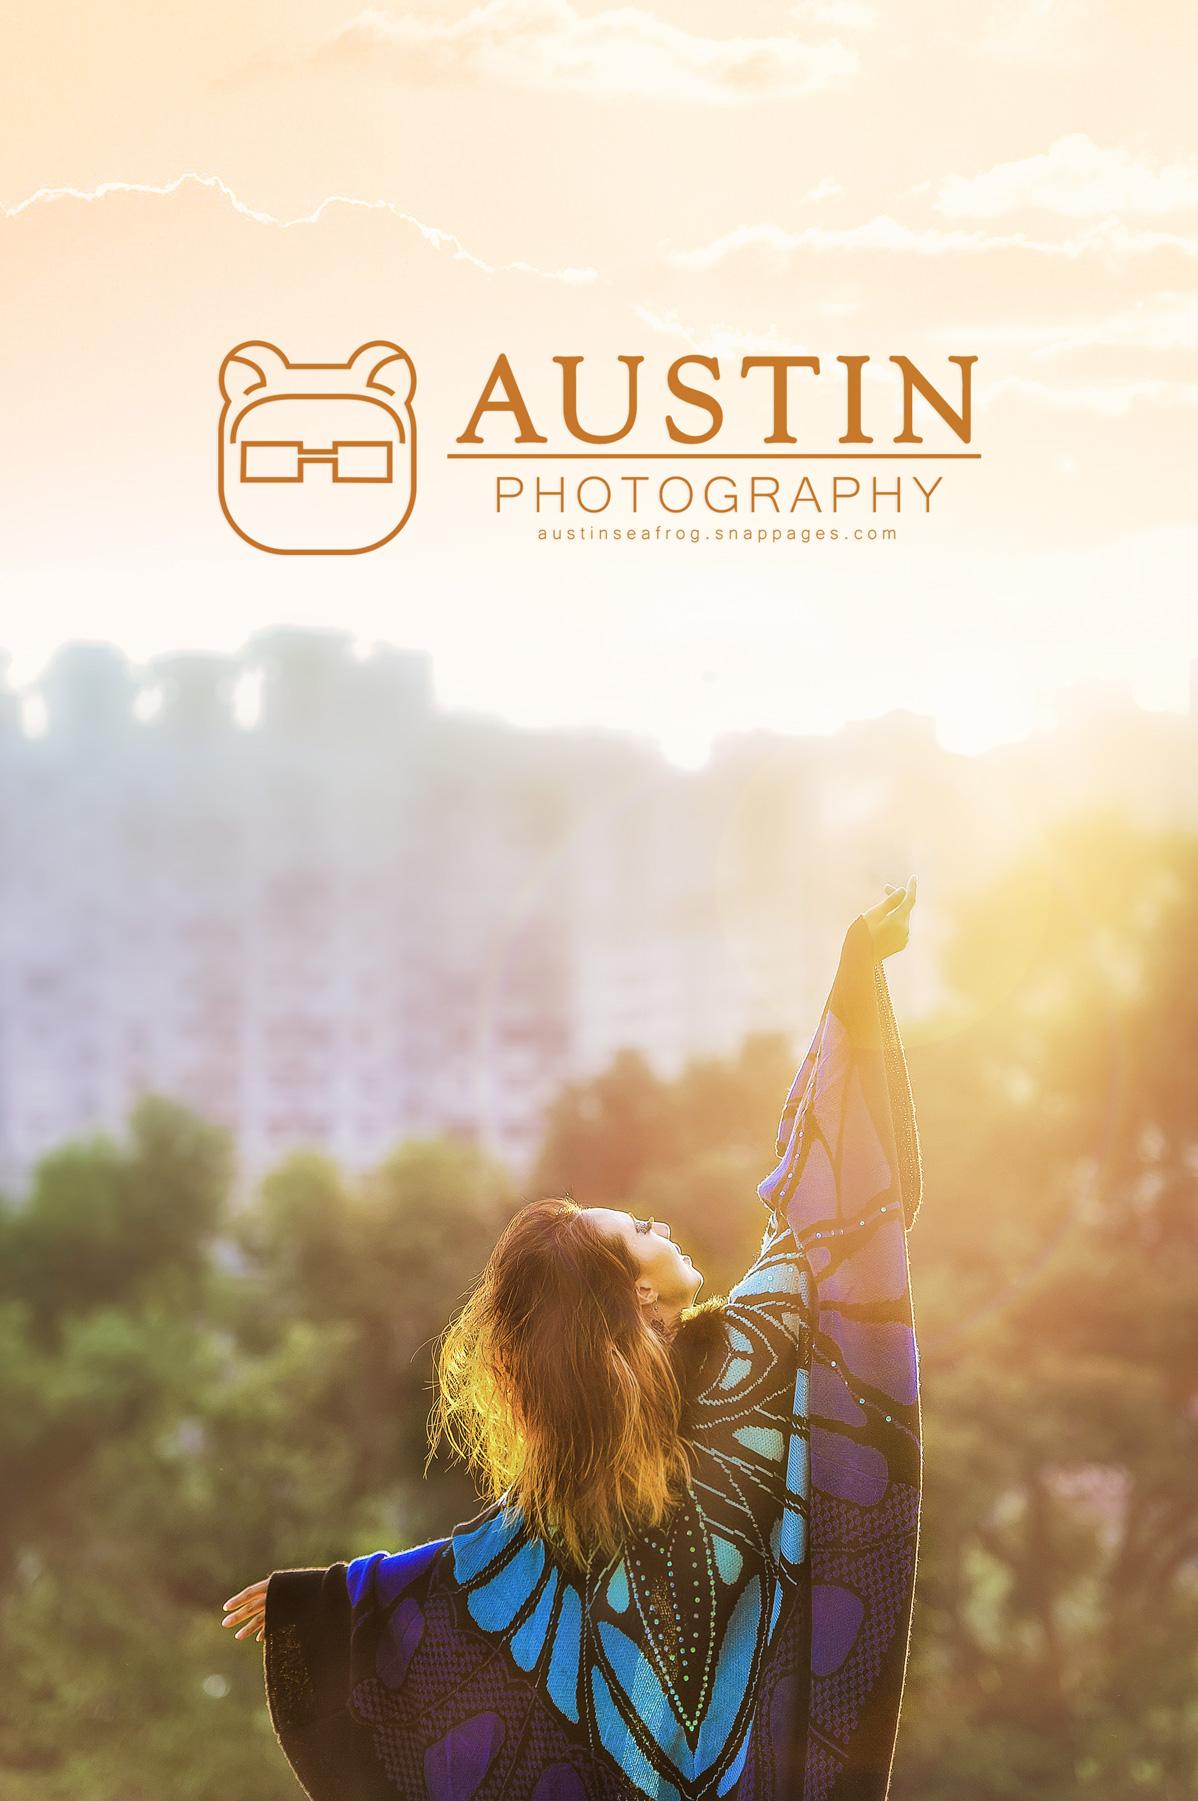 austinseafrog/海蛙攝影/婚攝海蛙婚禮攝影/形象攝影/服裝設計/寫真攝影/個人寫真/淡水.滬尾砲台公園/藝術照